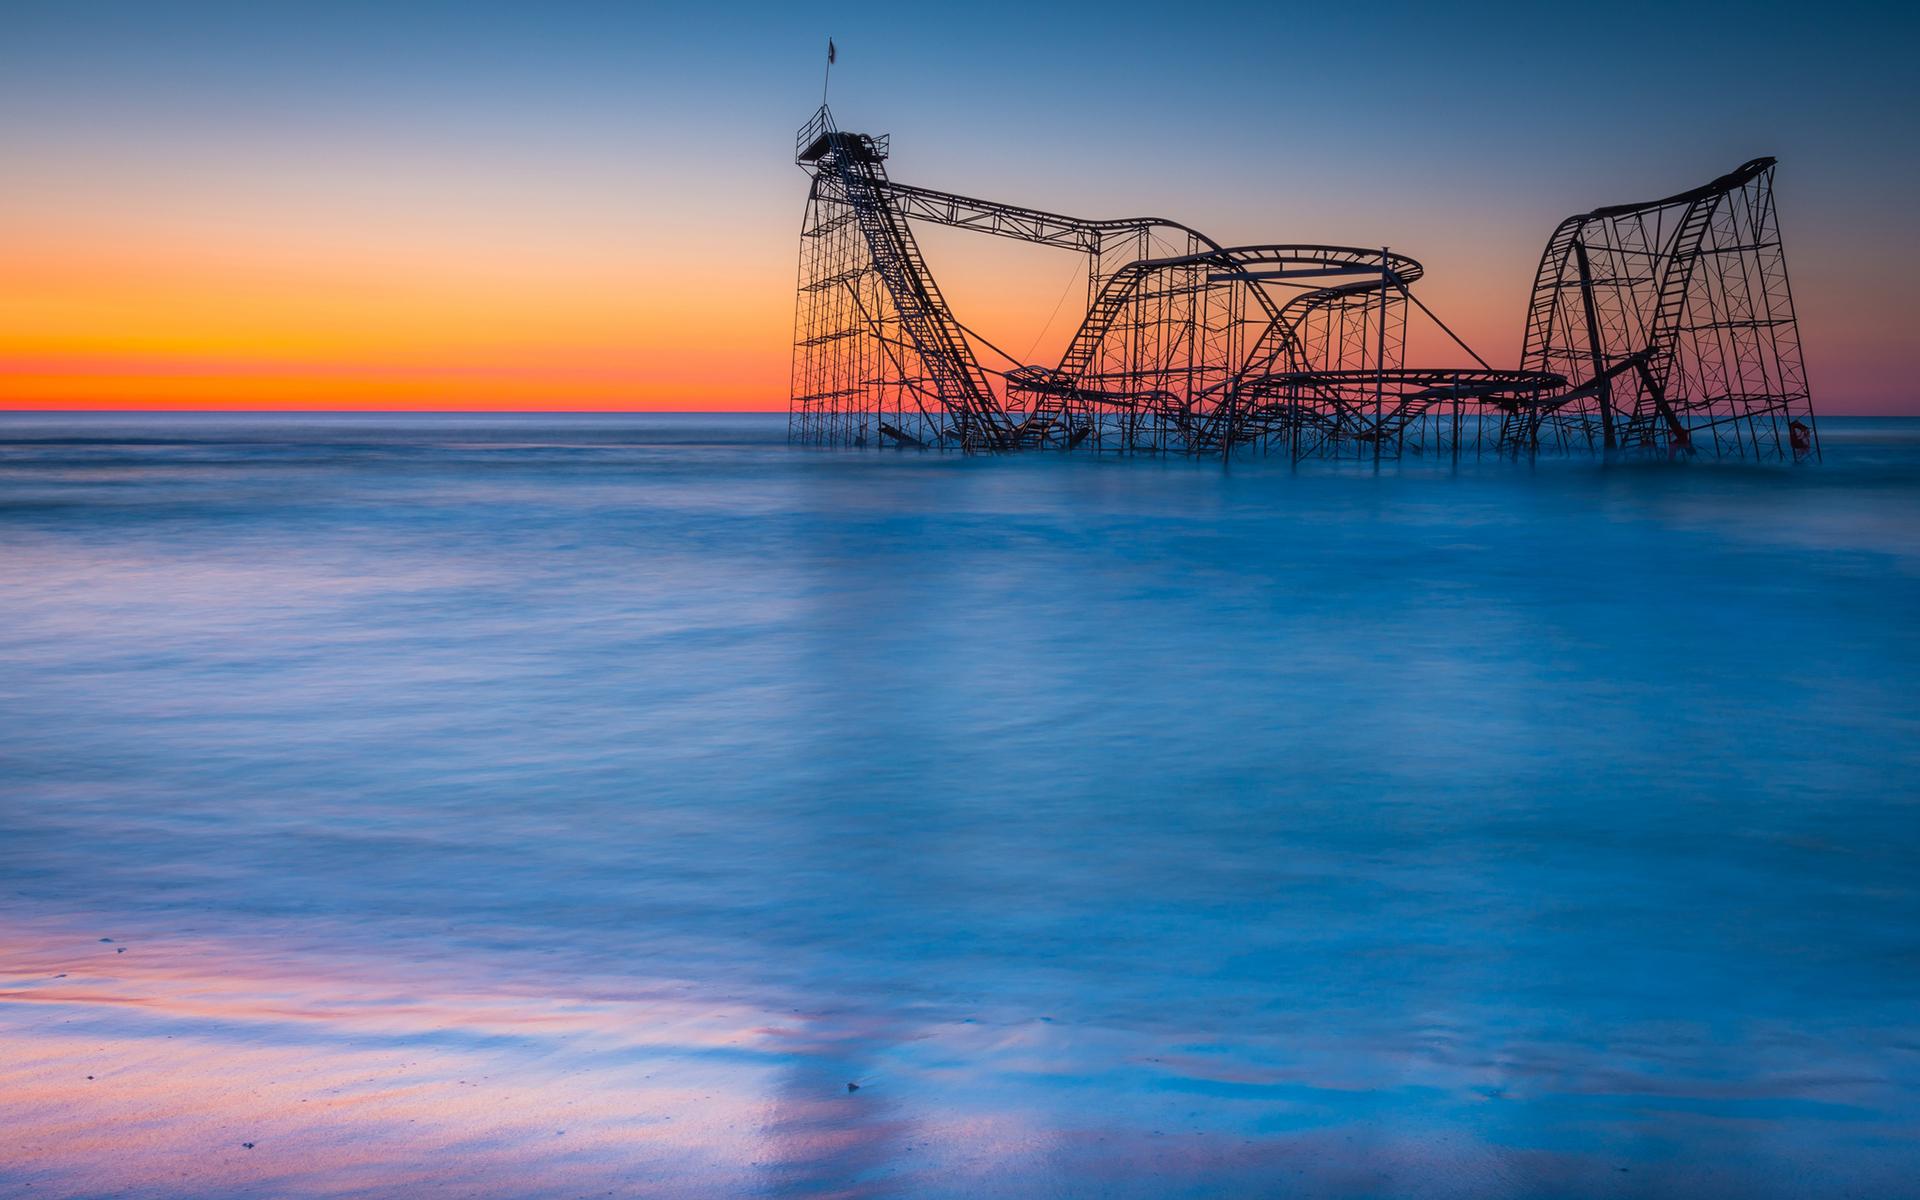 beach roller coaster - photo #2